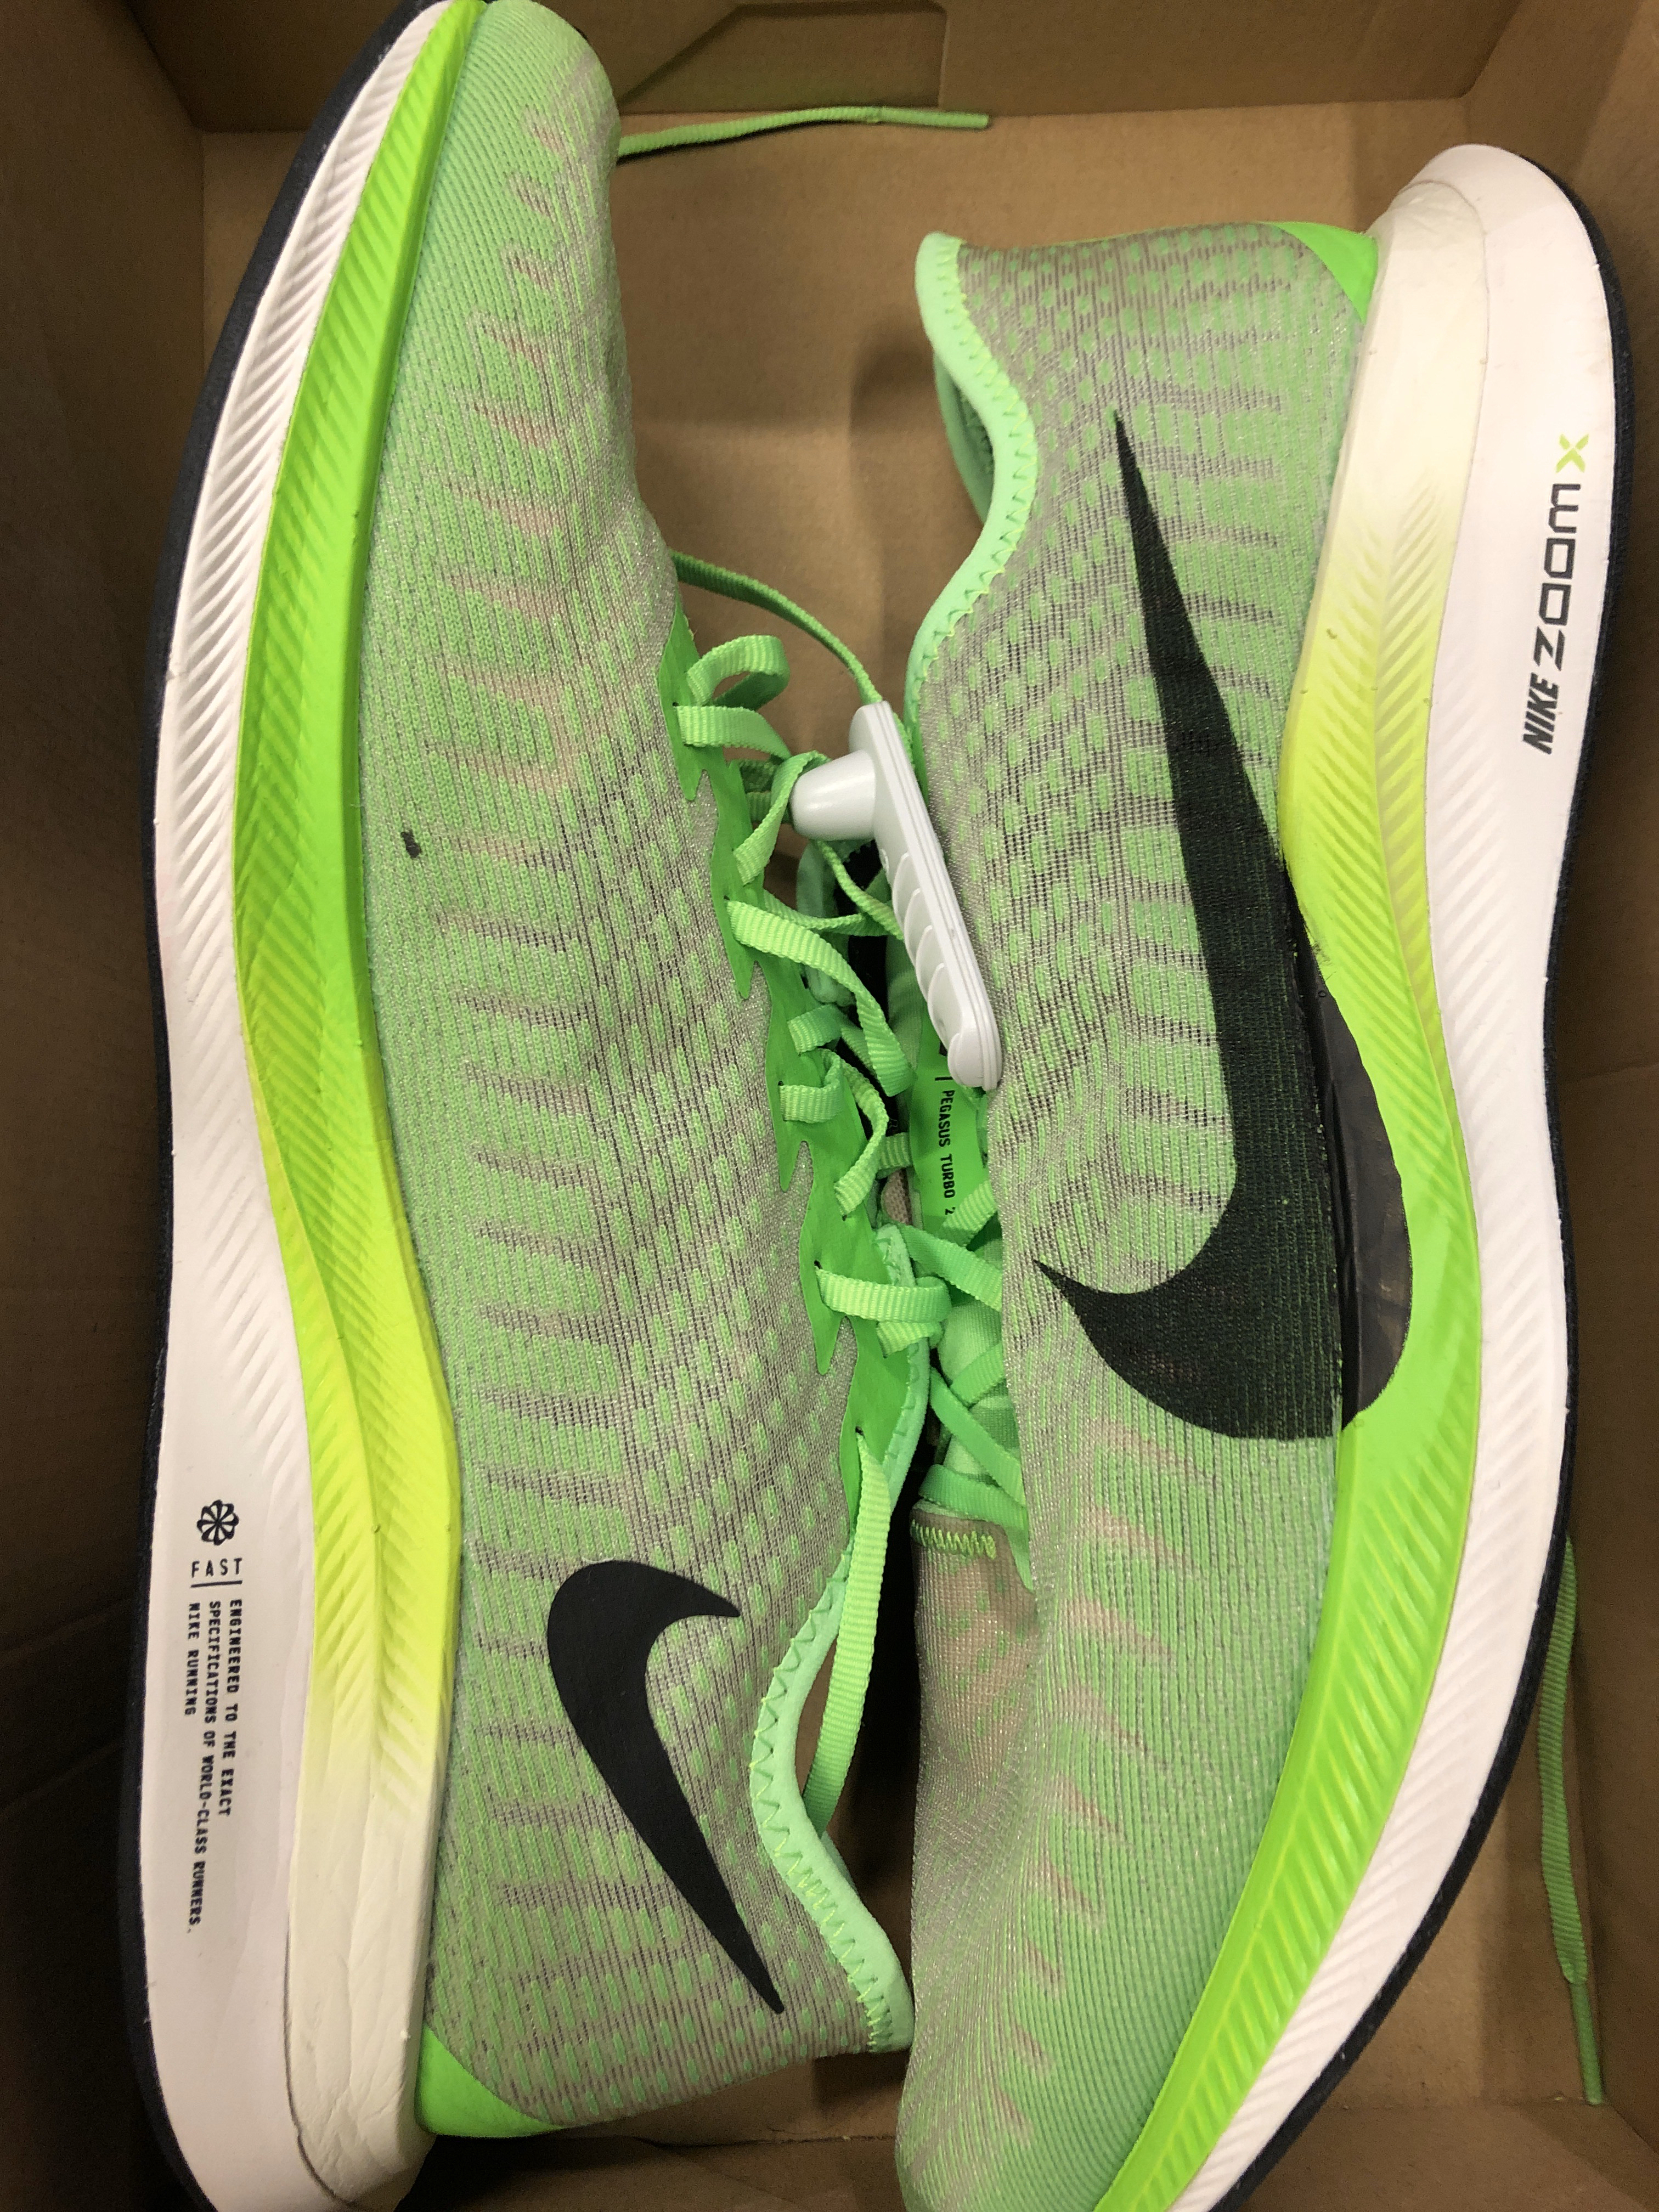 Nike - $80 - Size 11